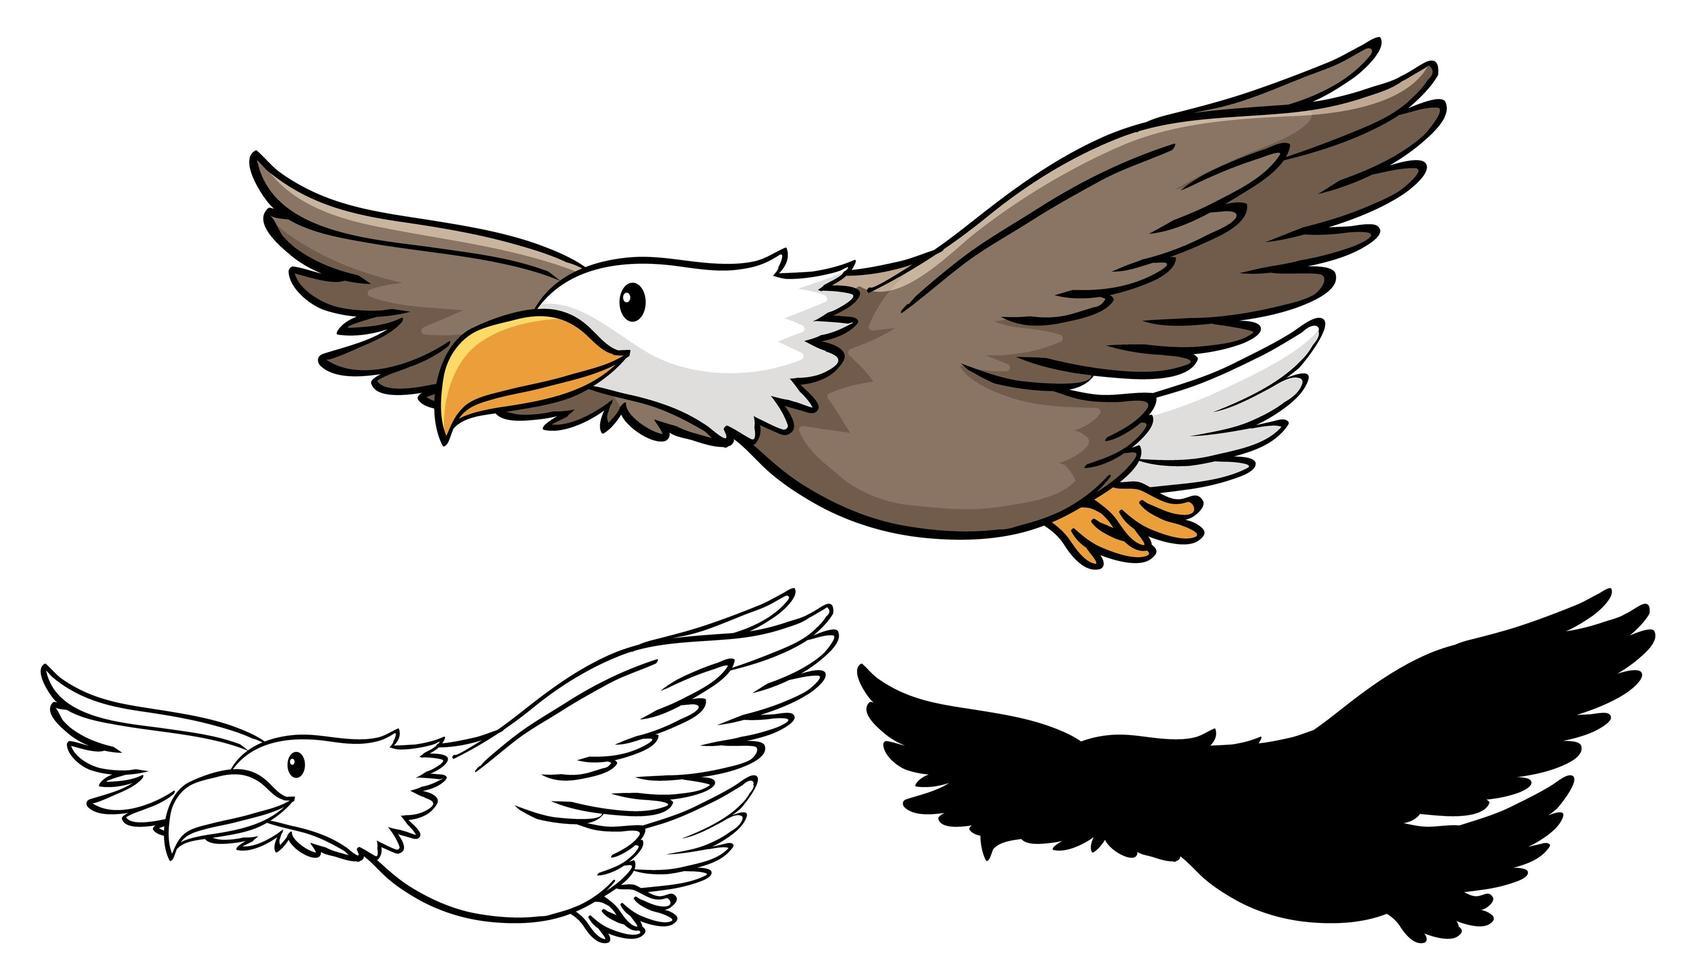 conjunto de dibujos animados de águila vector